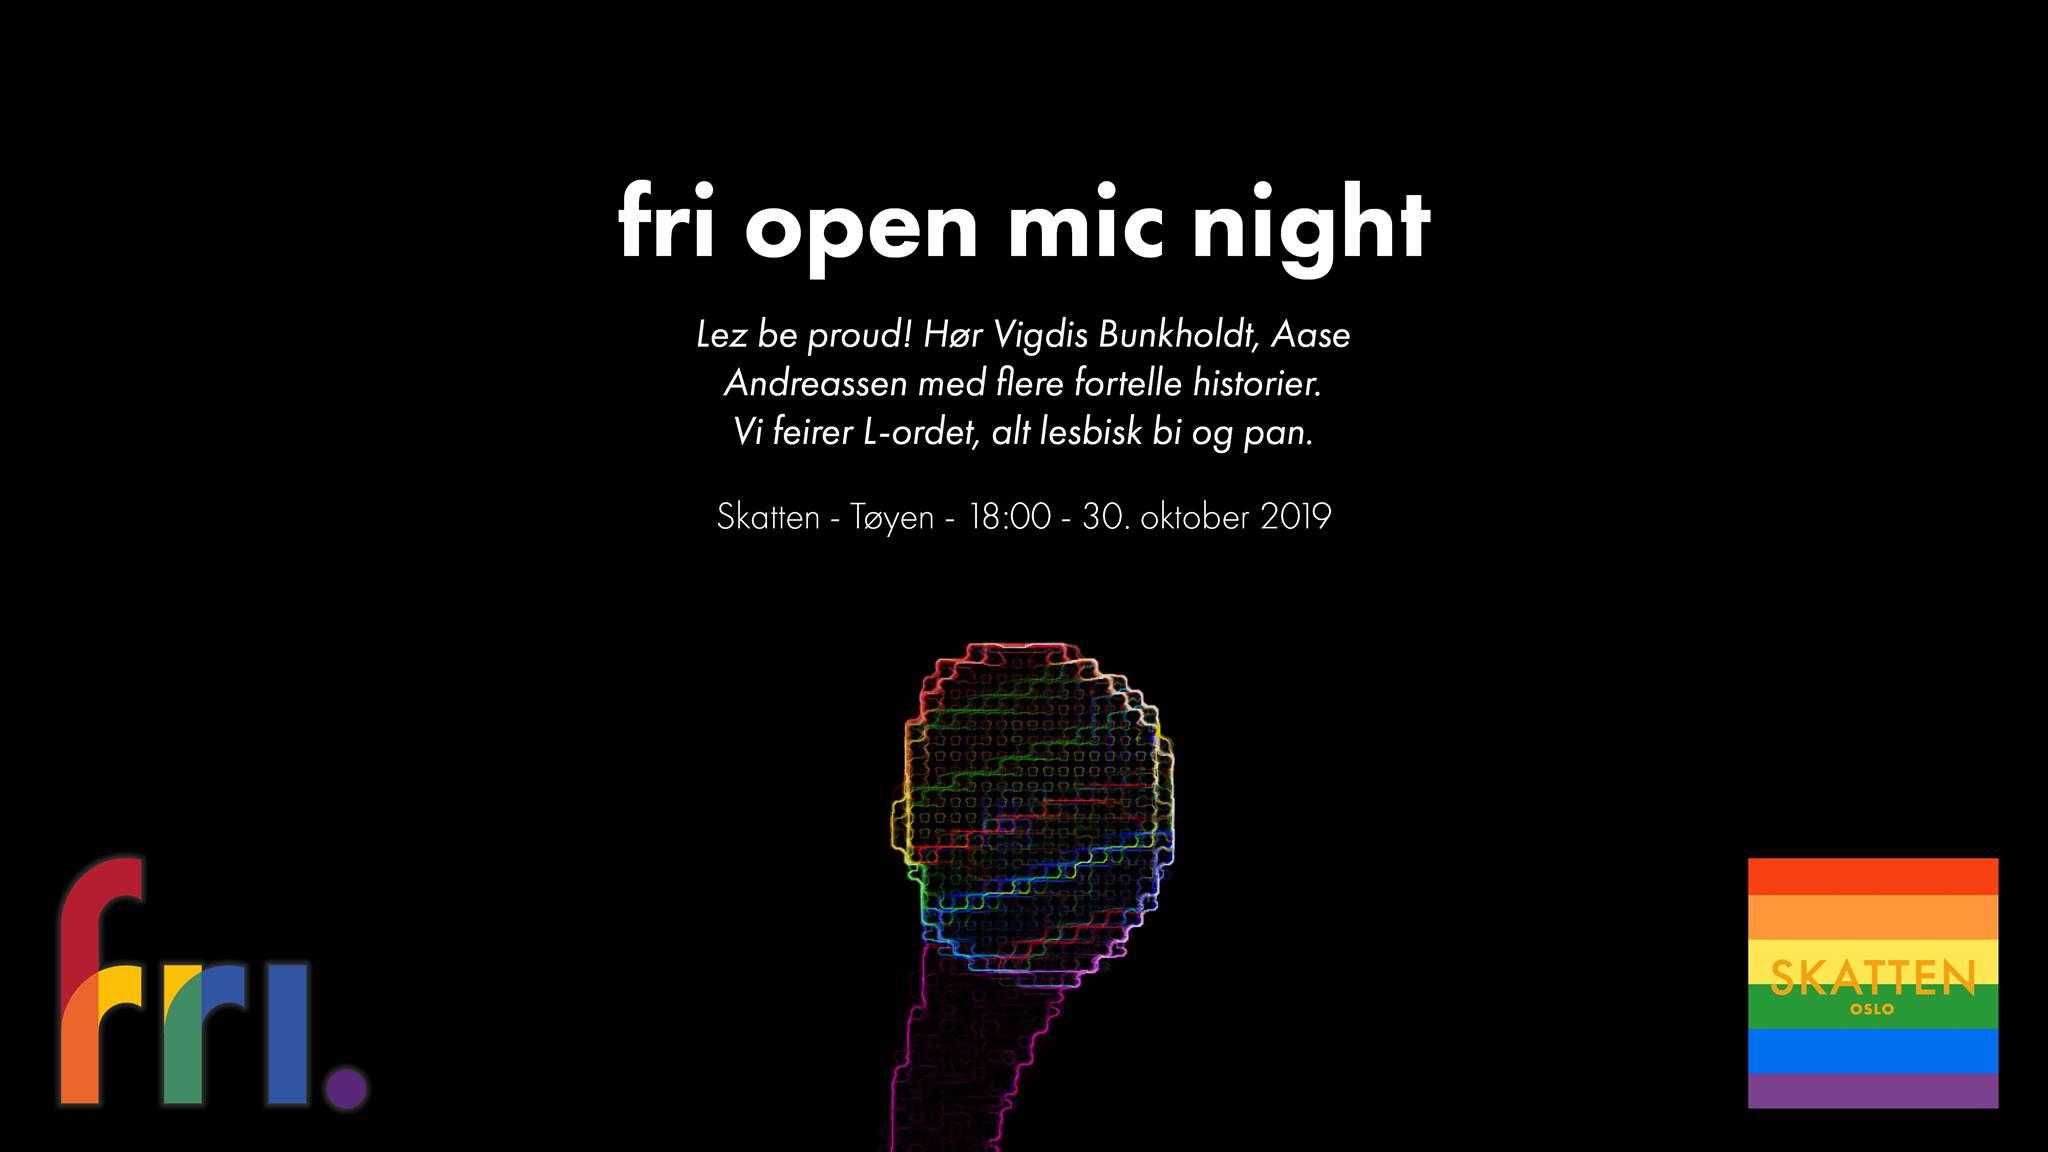 Velkommen til FRI Open Mic Night onsdag 30. oktober på Skatten: Lez be proud! Vi feirer, heier fram og hører gode, skeive historier som inspirerer. Hør - blant mange andre - historien om da kvinnekvelden ble arrangert første gang.